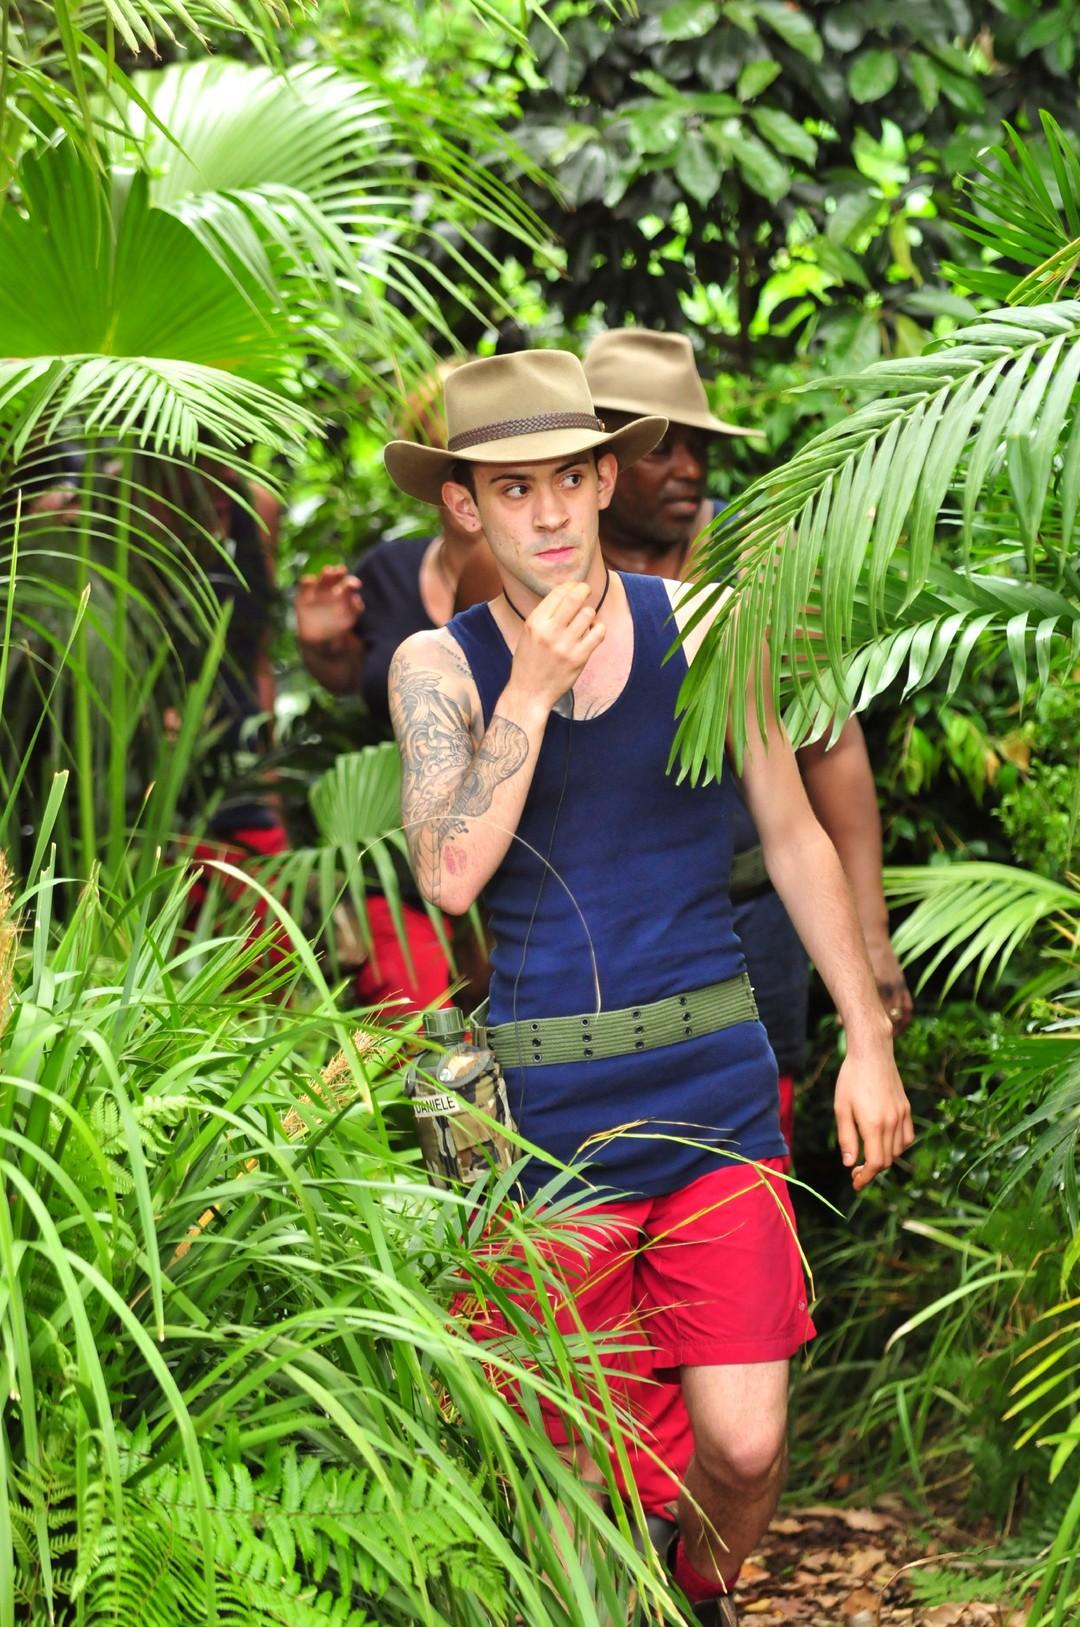 Dschungelcamp: Notfalleinsatz von Dr. Bob - Bild 6 von 65